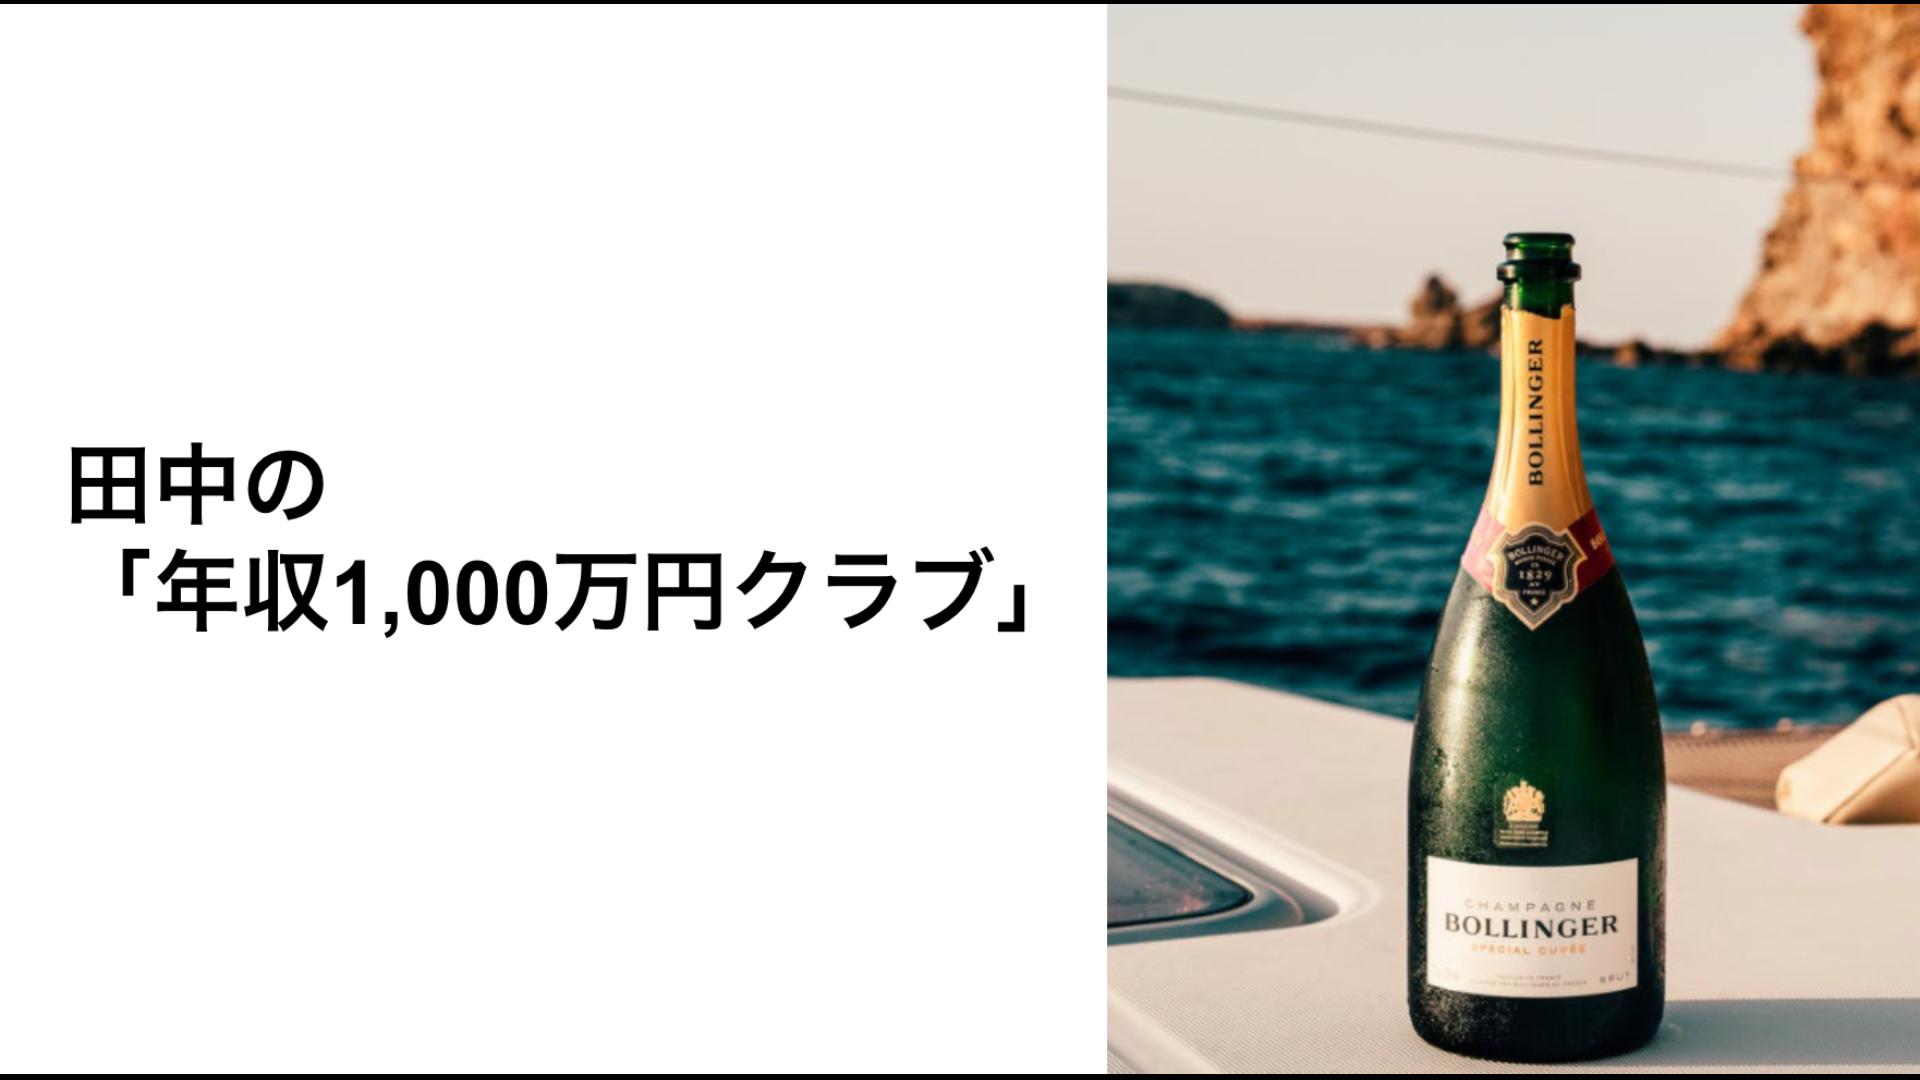 田中の「年収1,000万円クラブ」